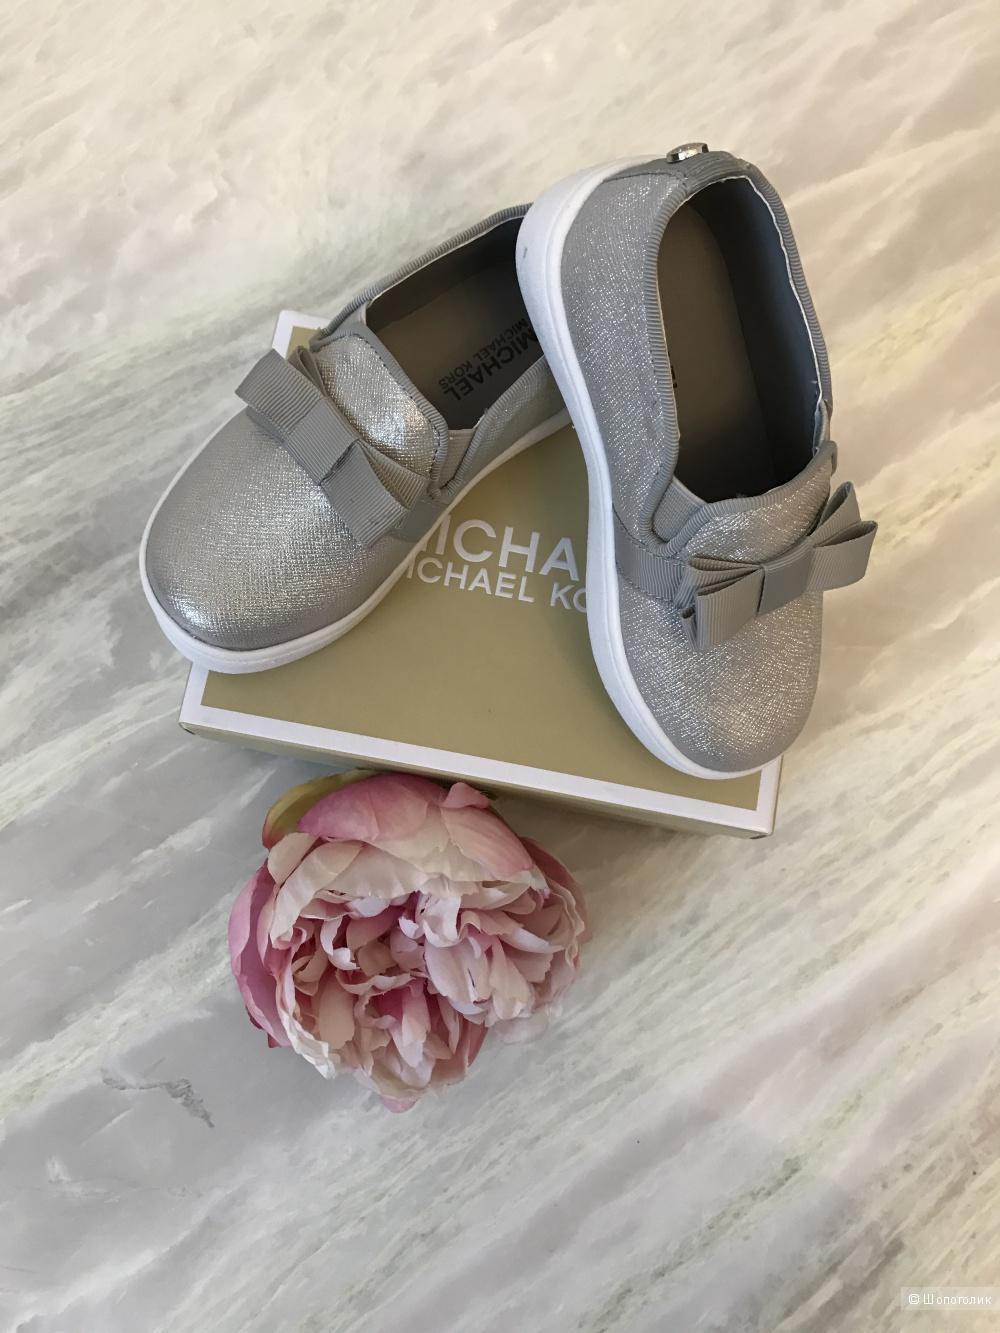 Детские туфли Michael Kors 25 размер